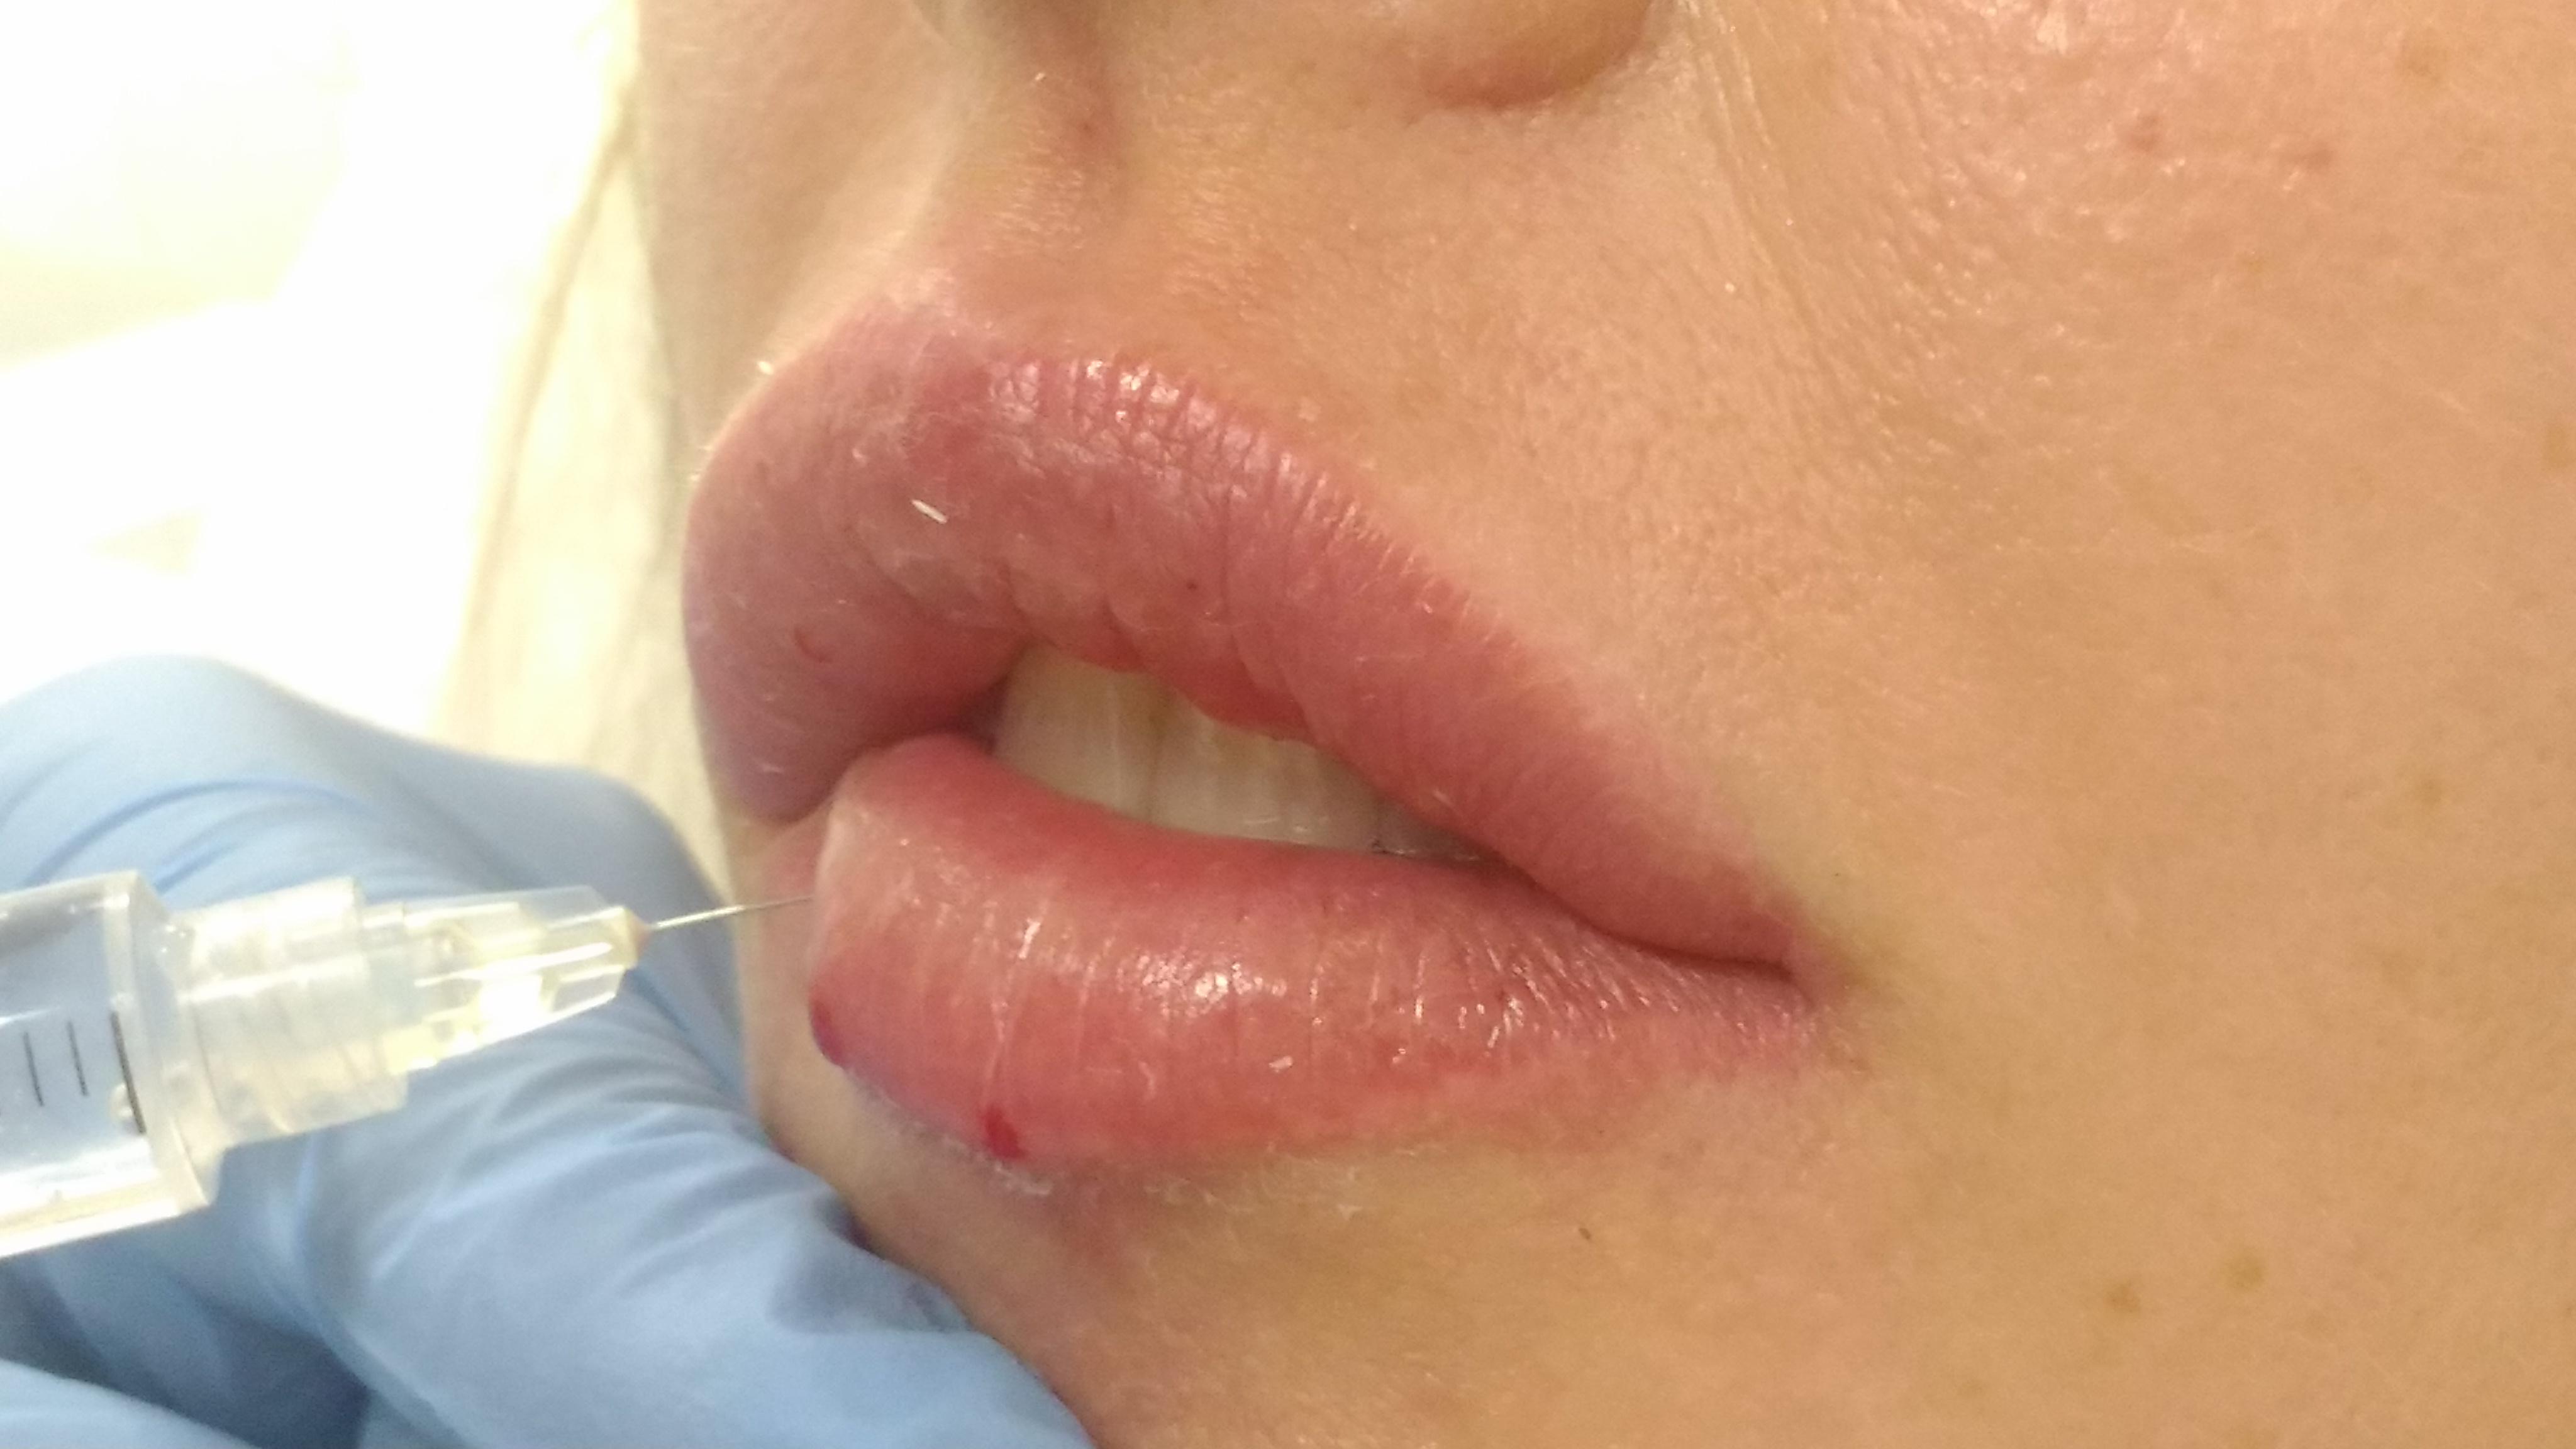 medycyna estetyczna,usta,kwas hialuronowy